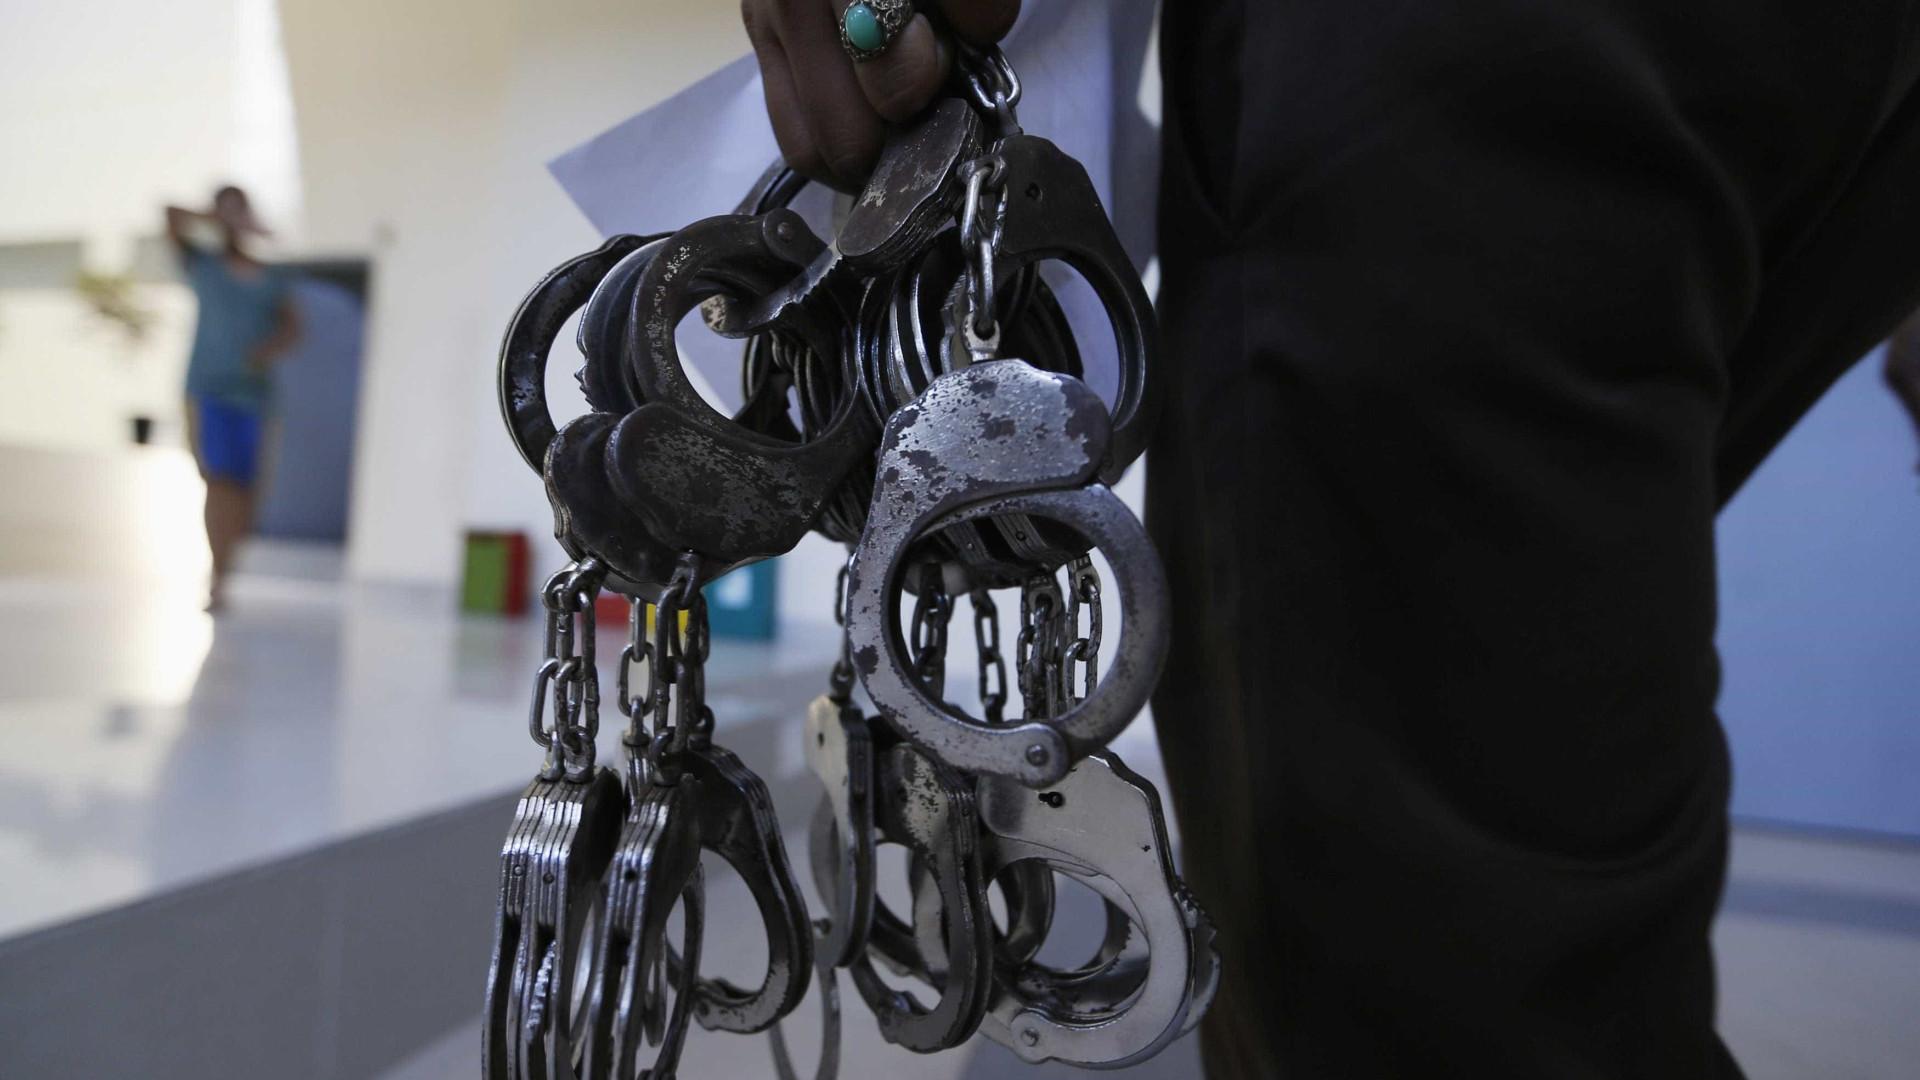 Megaoperação da PJ: 17 detidos por explosões e assaltos a multibancos